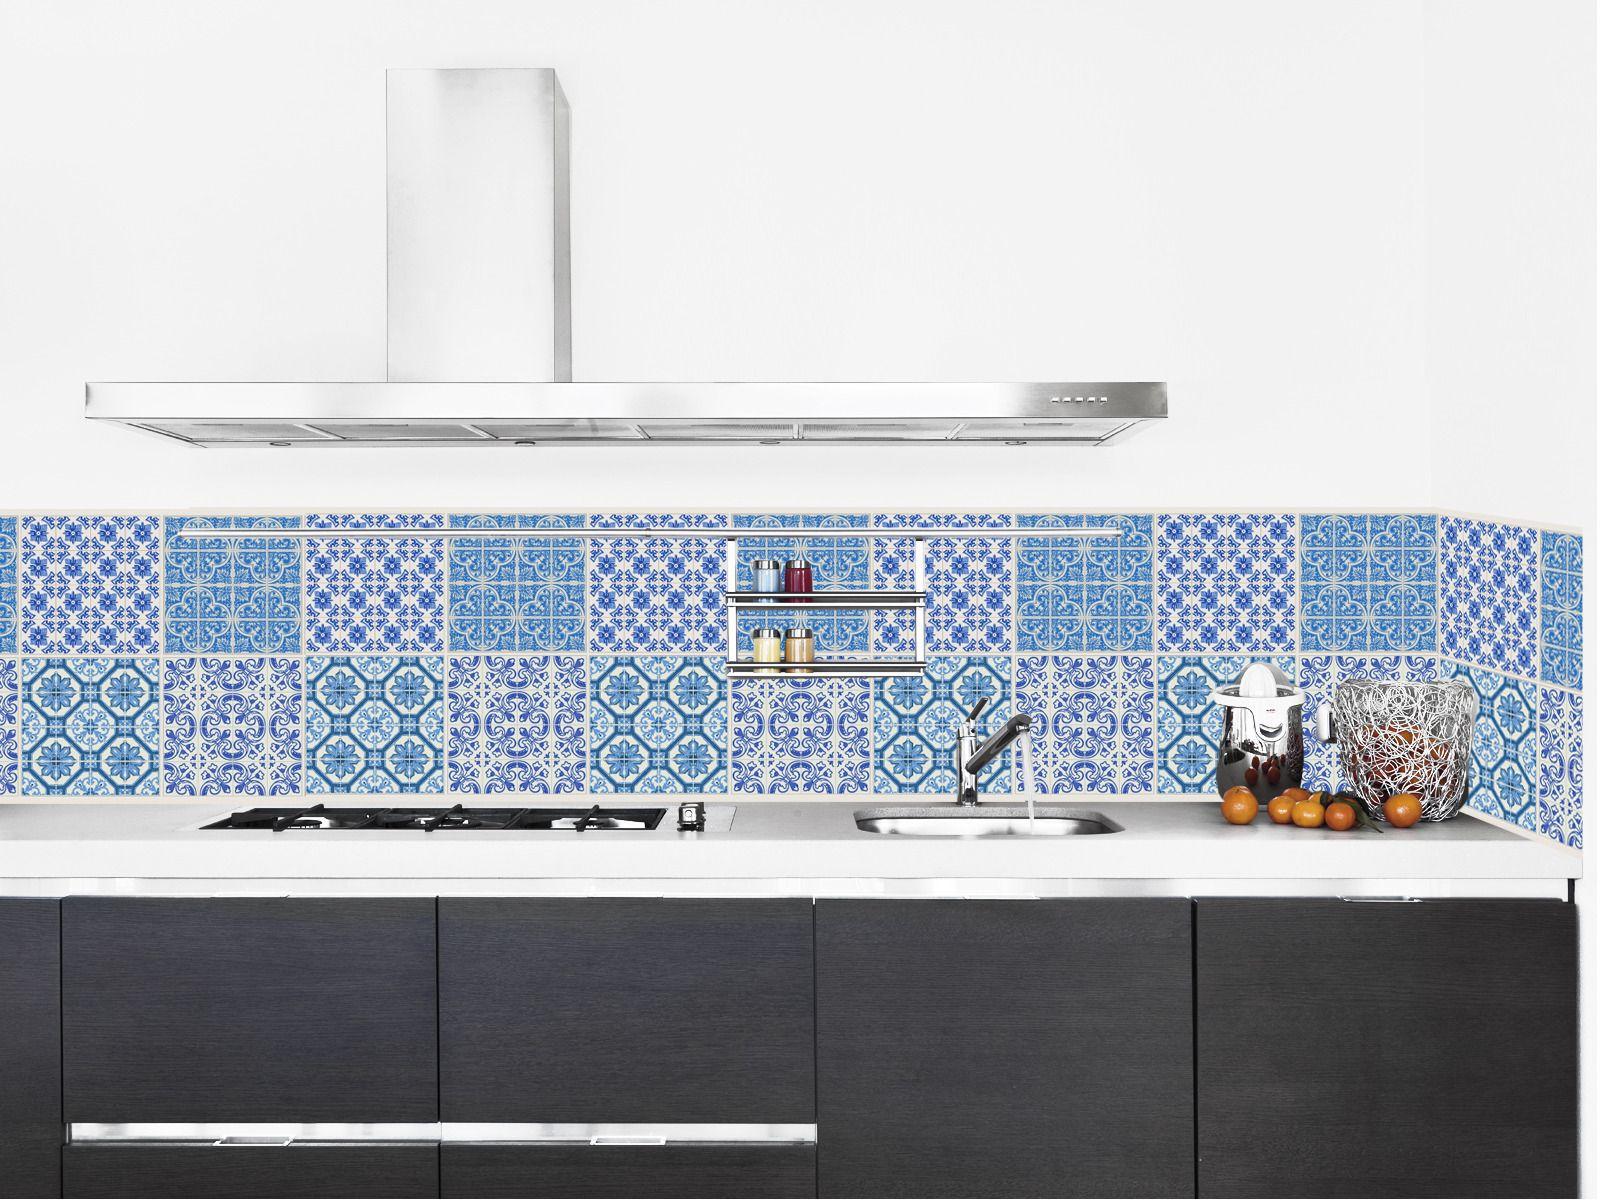 azulejos adh sif imperm abilis fa on carreaux de ciment pour cr dence d corations murales. Black Bedroom Furniture Sets. Home Design Ideas